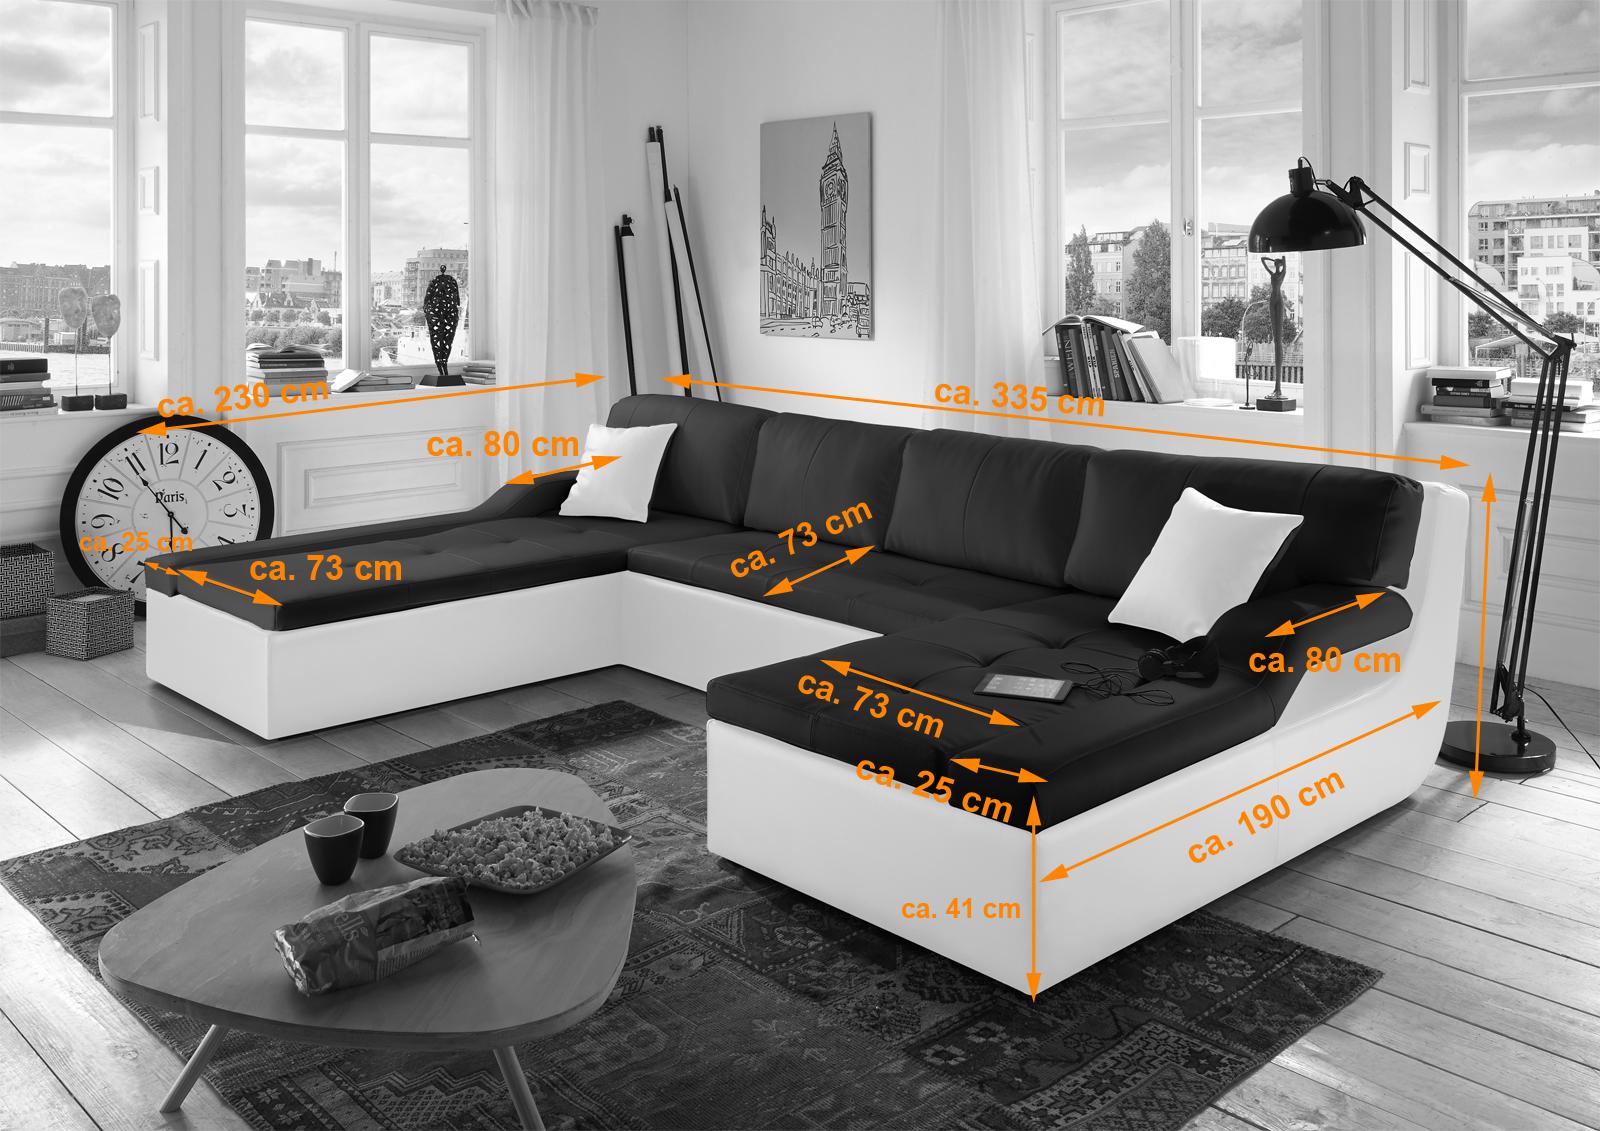 sam sofa schwarz wei wohnlandschaft rosella 230 x 335 x 190 cm bestellware - Schwarz Wei Sofa